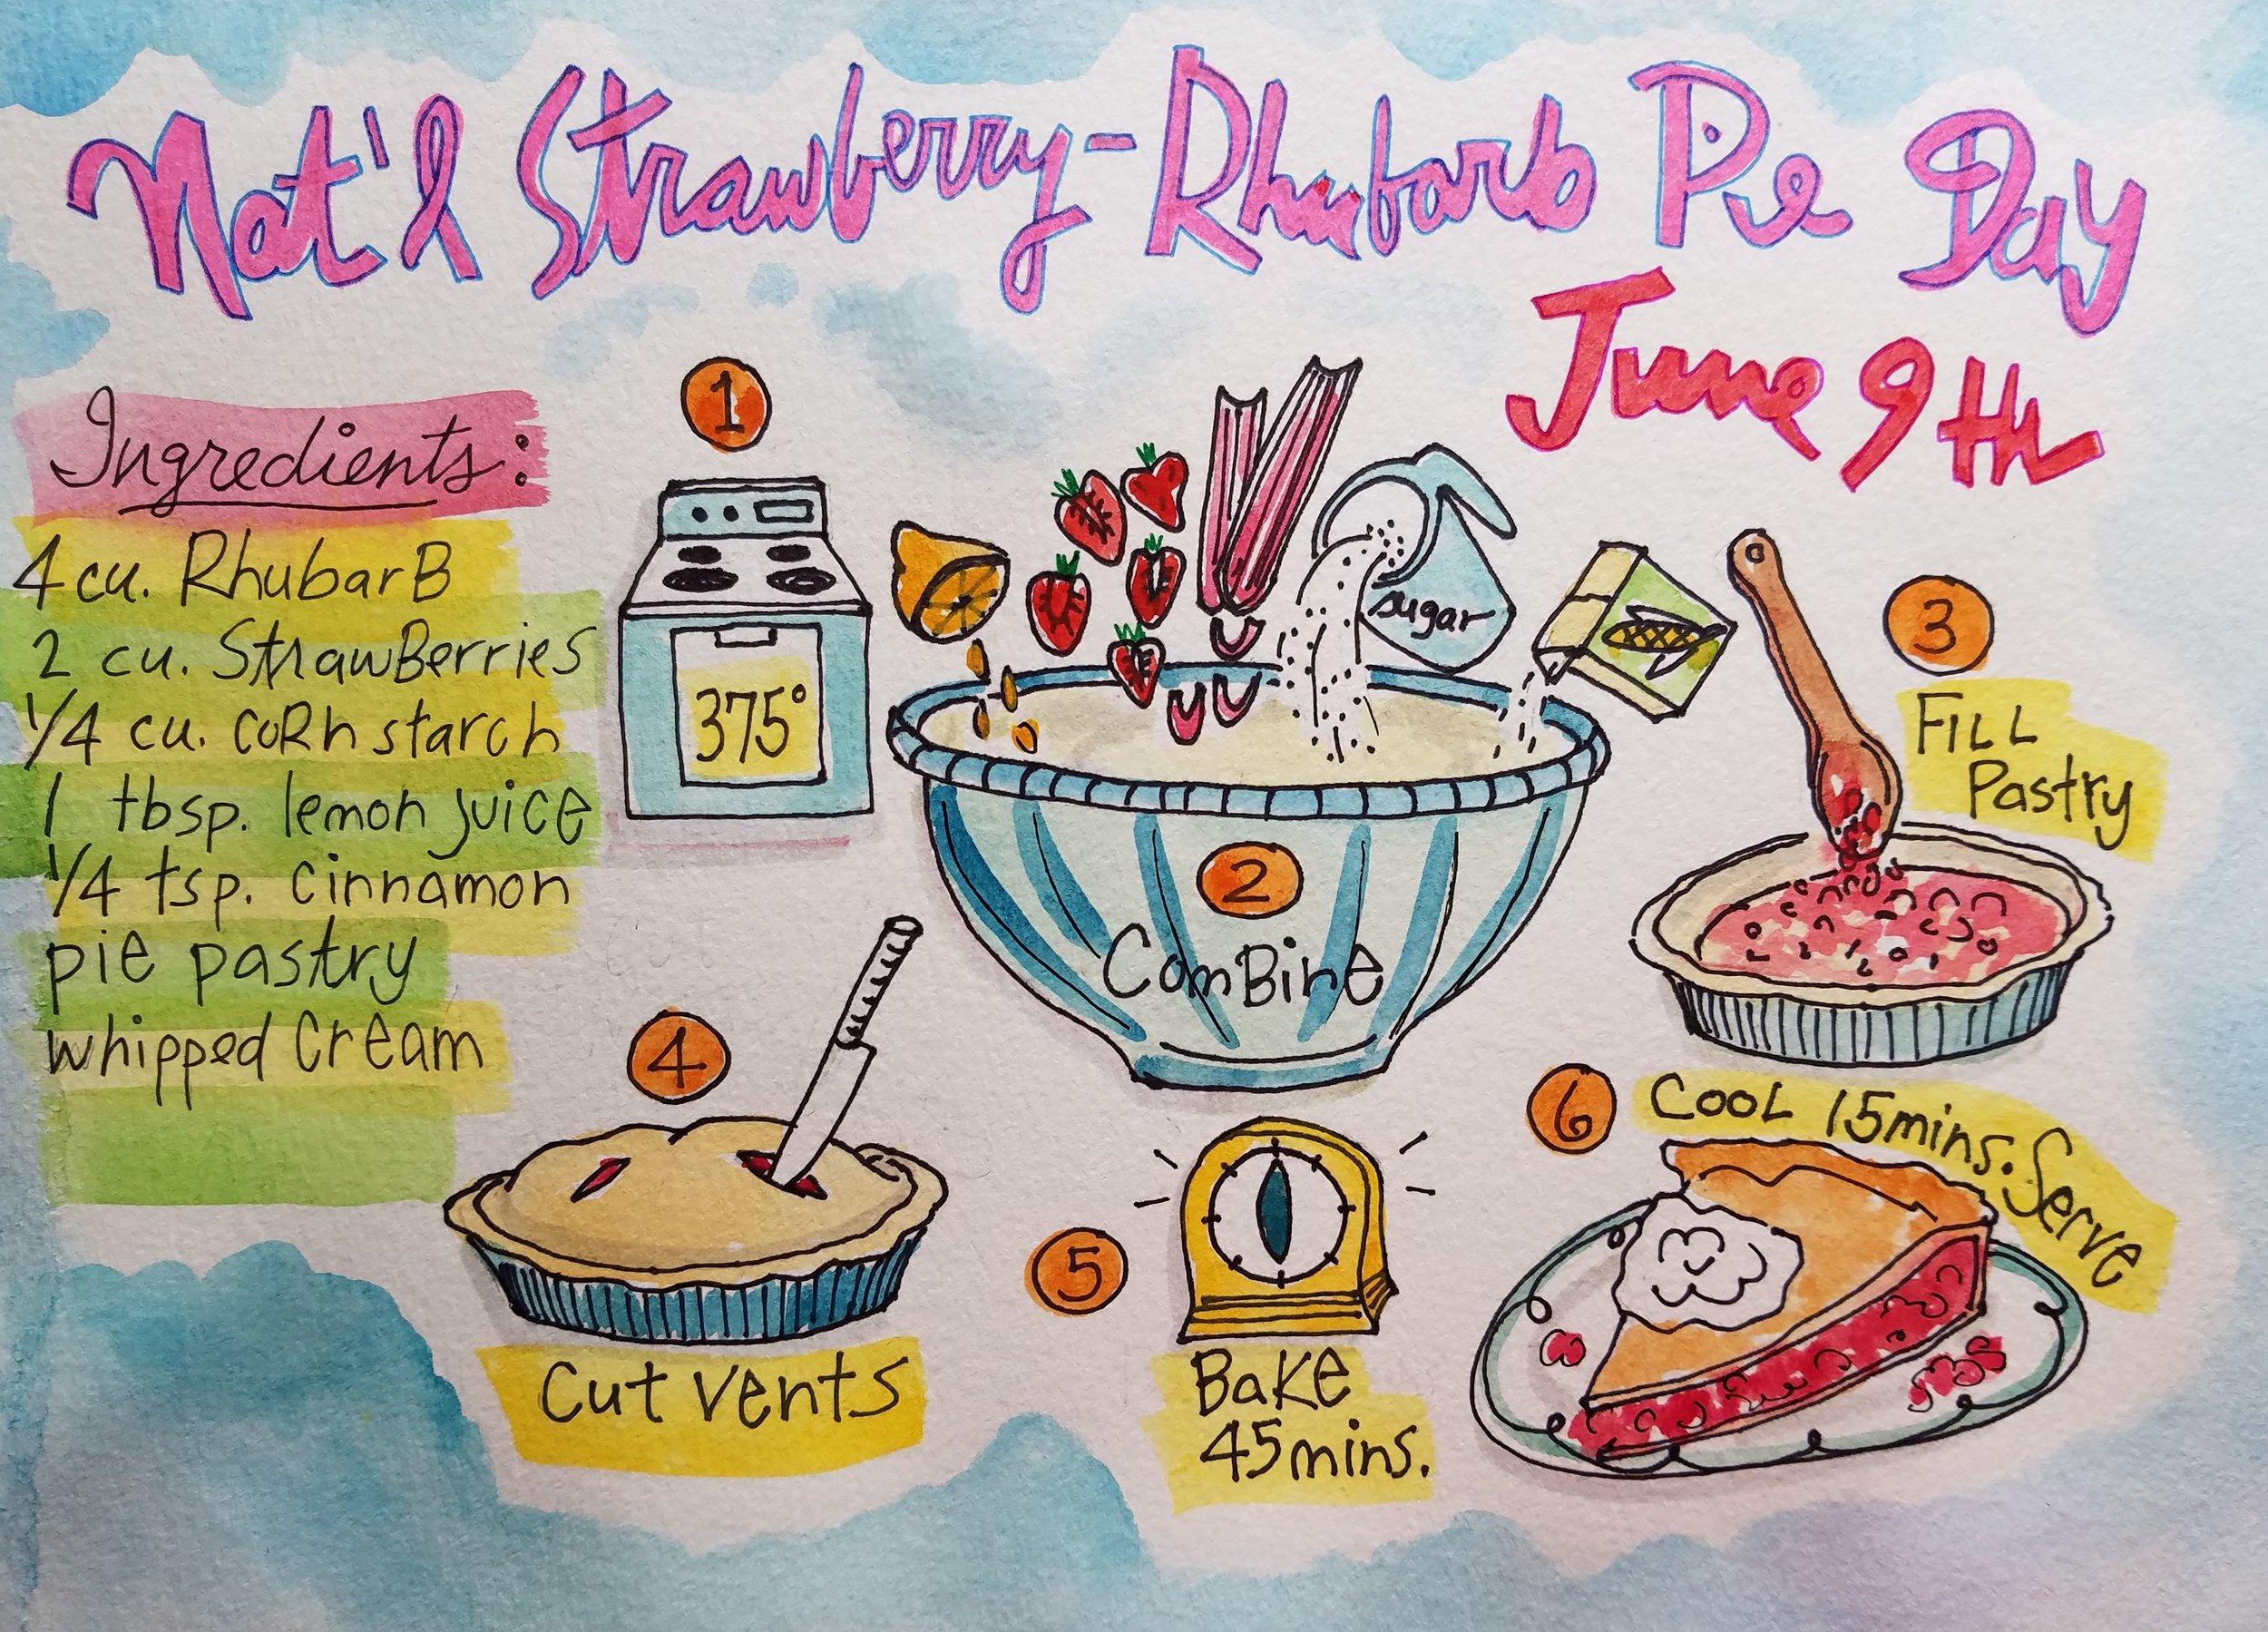 National Strawberry-Rhubarb Pie Day   !